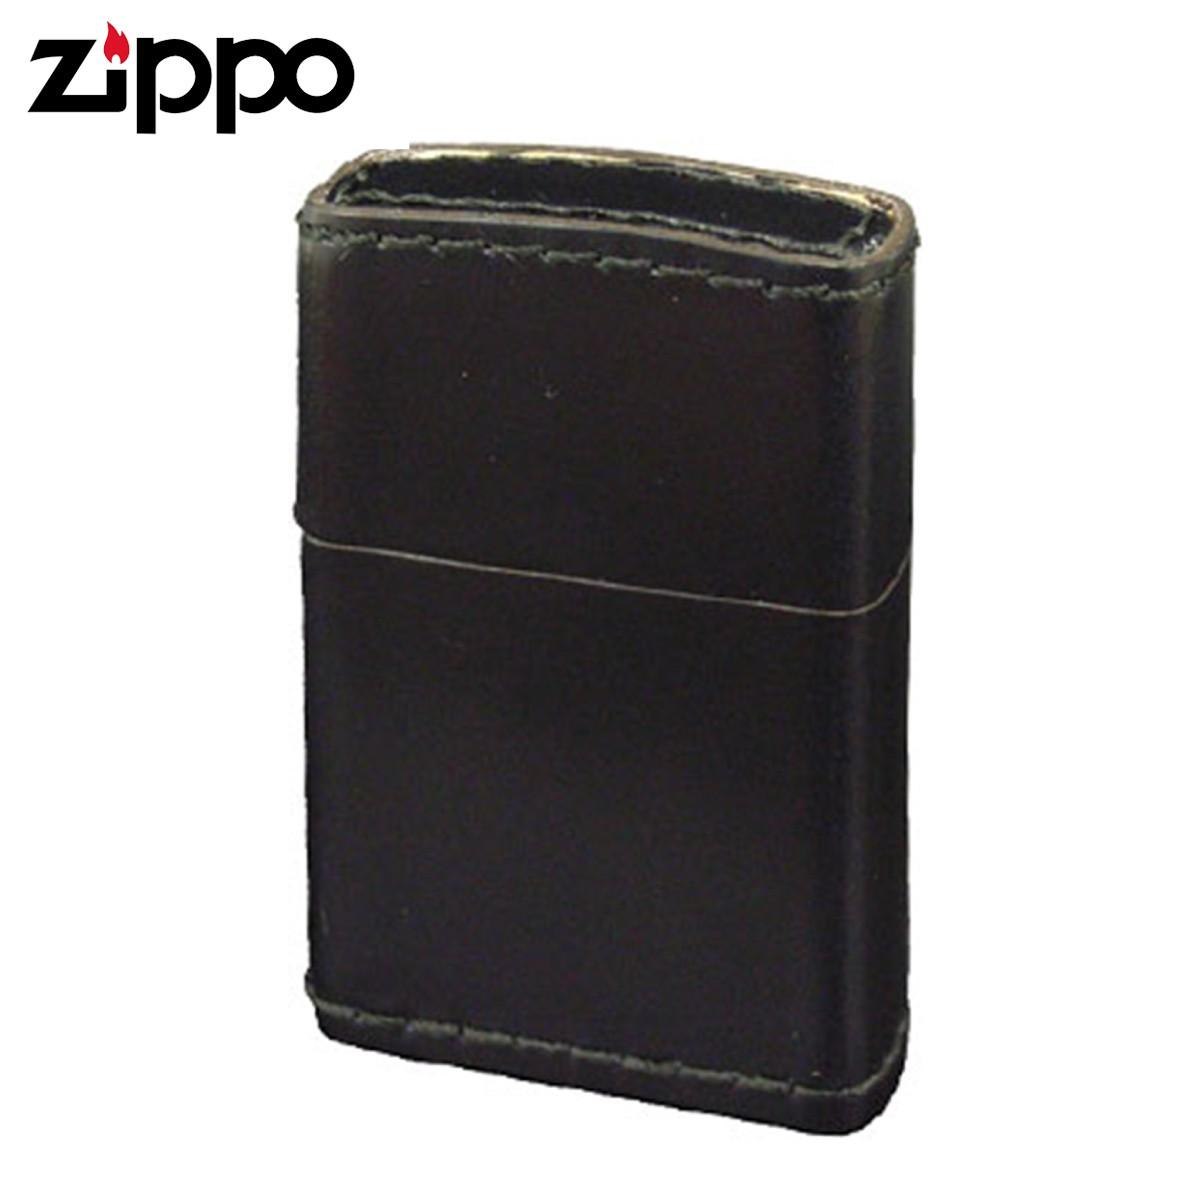 zippo ジッポーライター コードバンブラック ギフト プレゼント 贈り物 返品不可 誕生日 クリスマス 父の日 オイルライター ジッポライター 彼氏 男性 メンズ 喫煙具